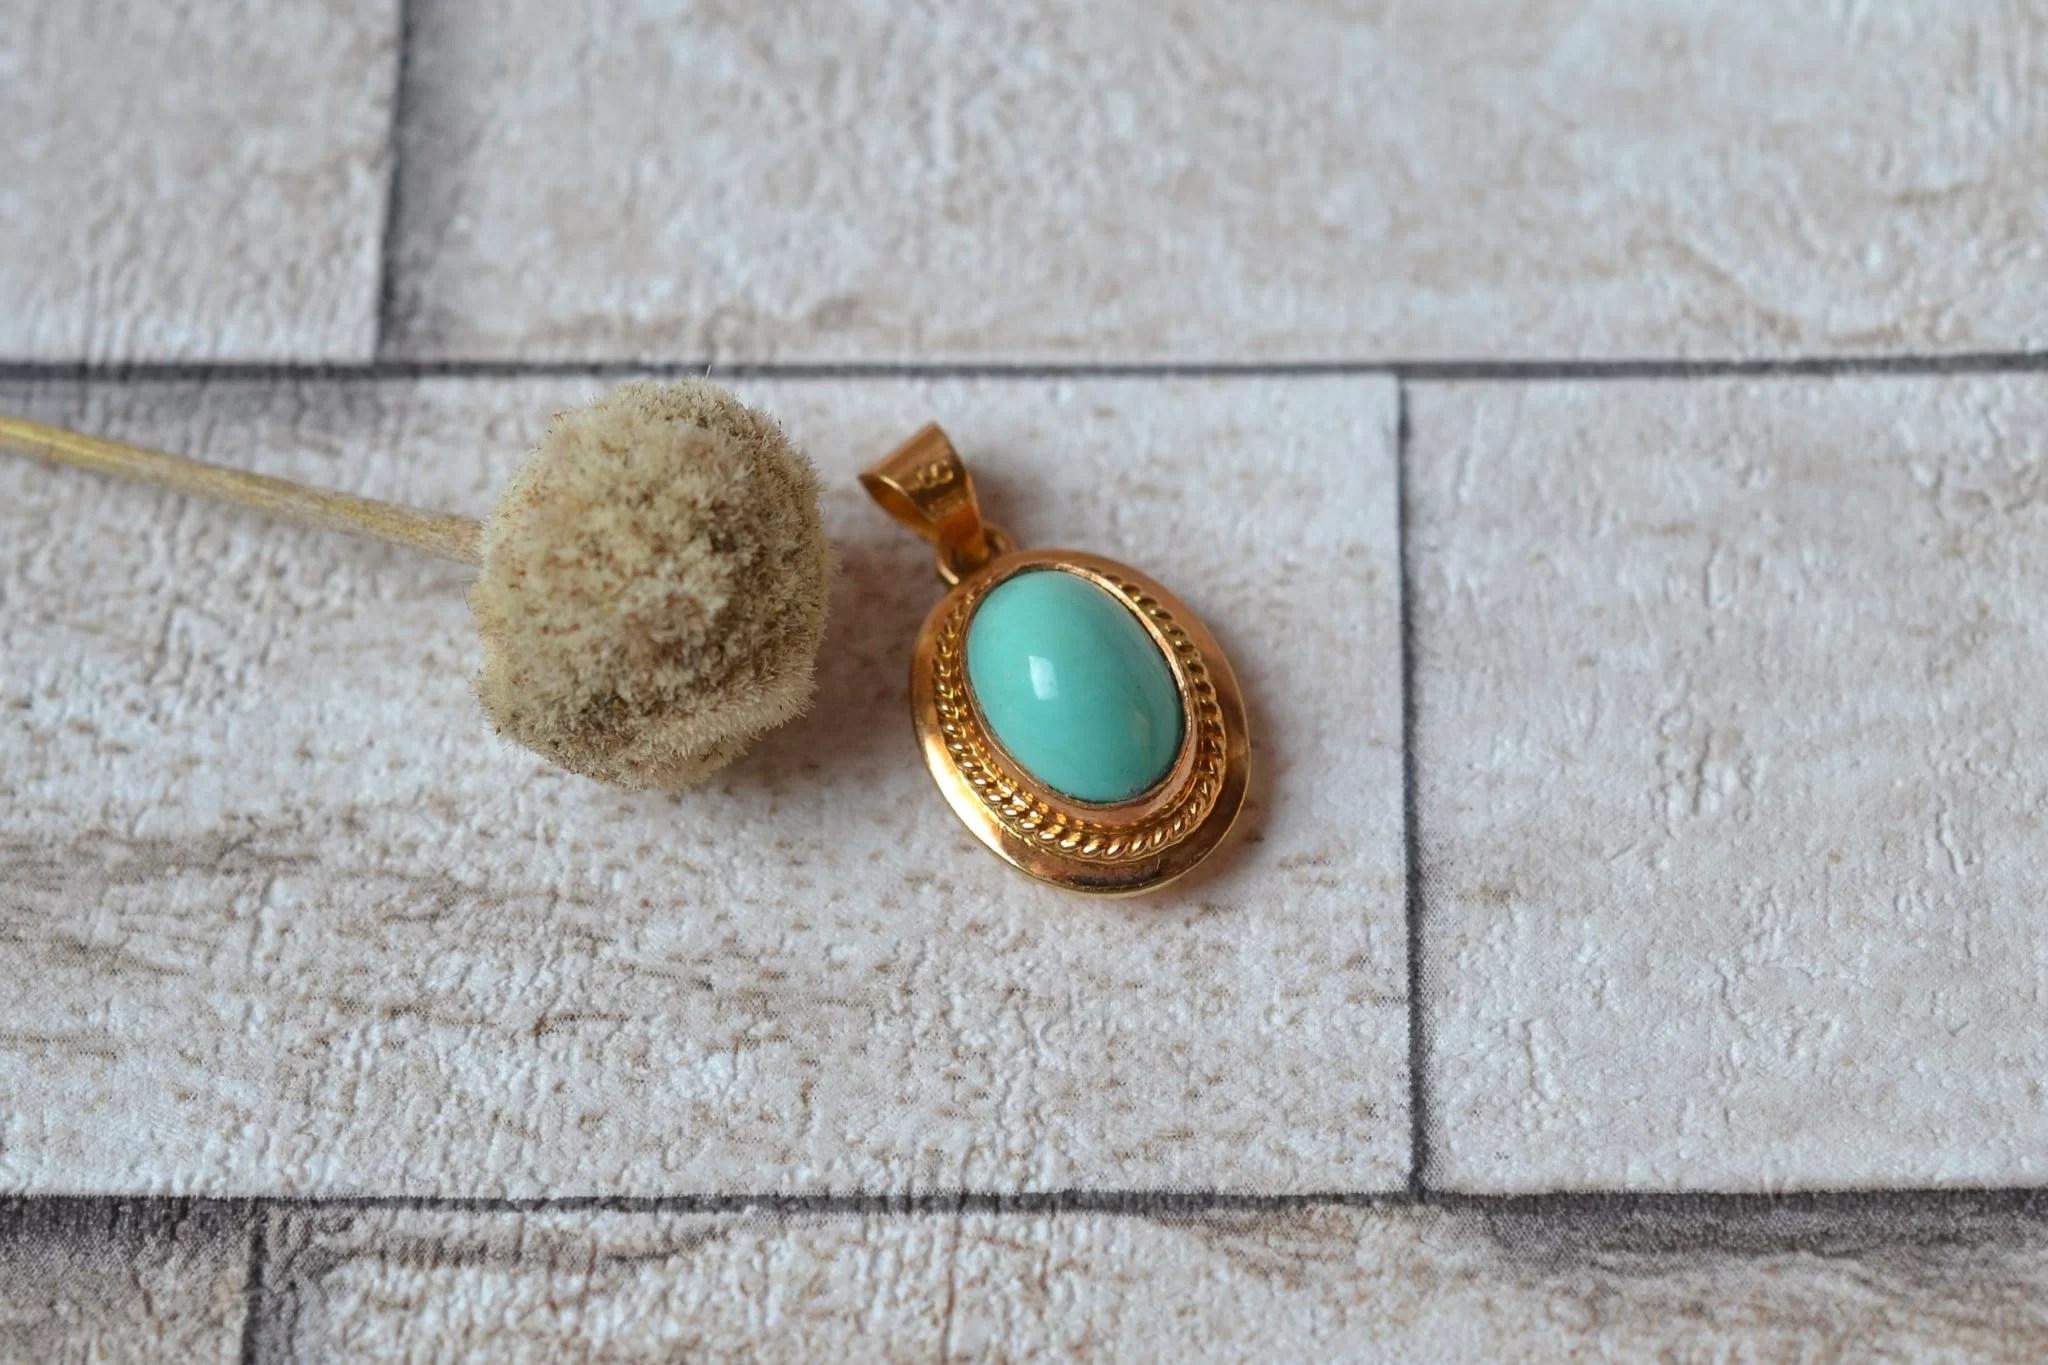 Pendentif En Or Jaune Centré D_une Turquoise En Serti-clos - Bijou Ancien